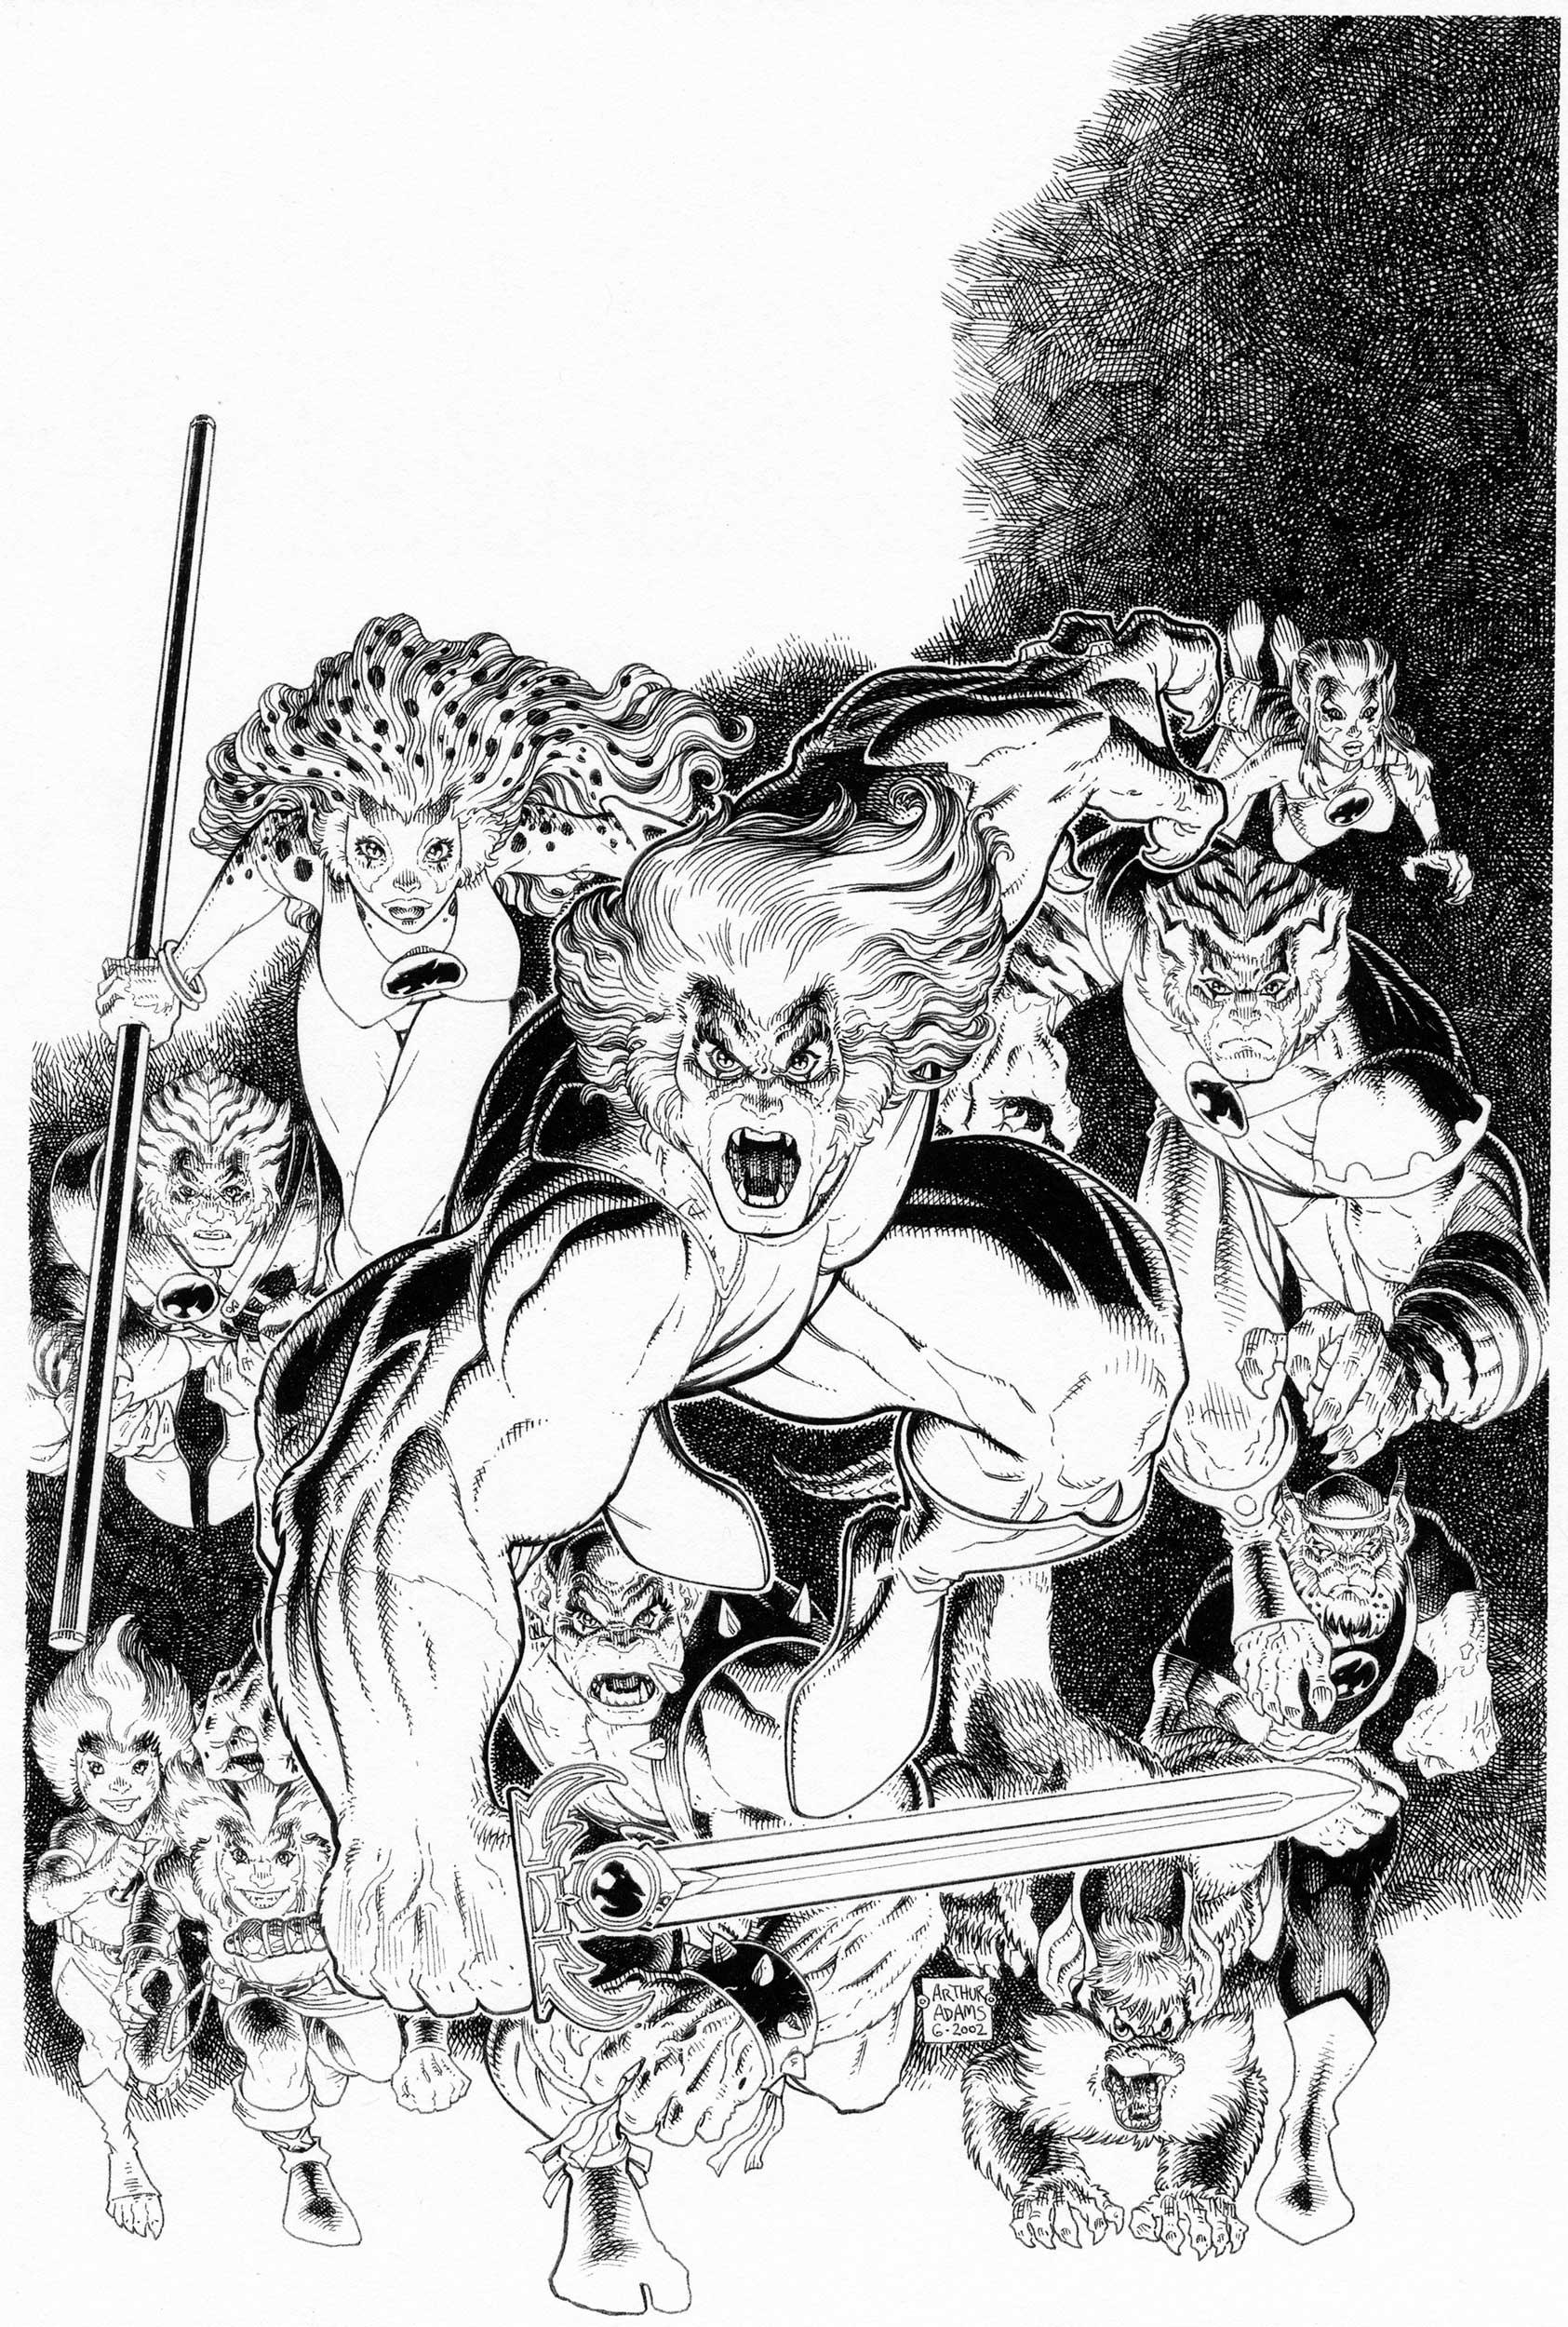 ART ADAMS THUNDERCATS #1 COVER Comic Art